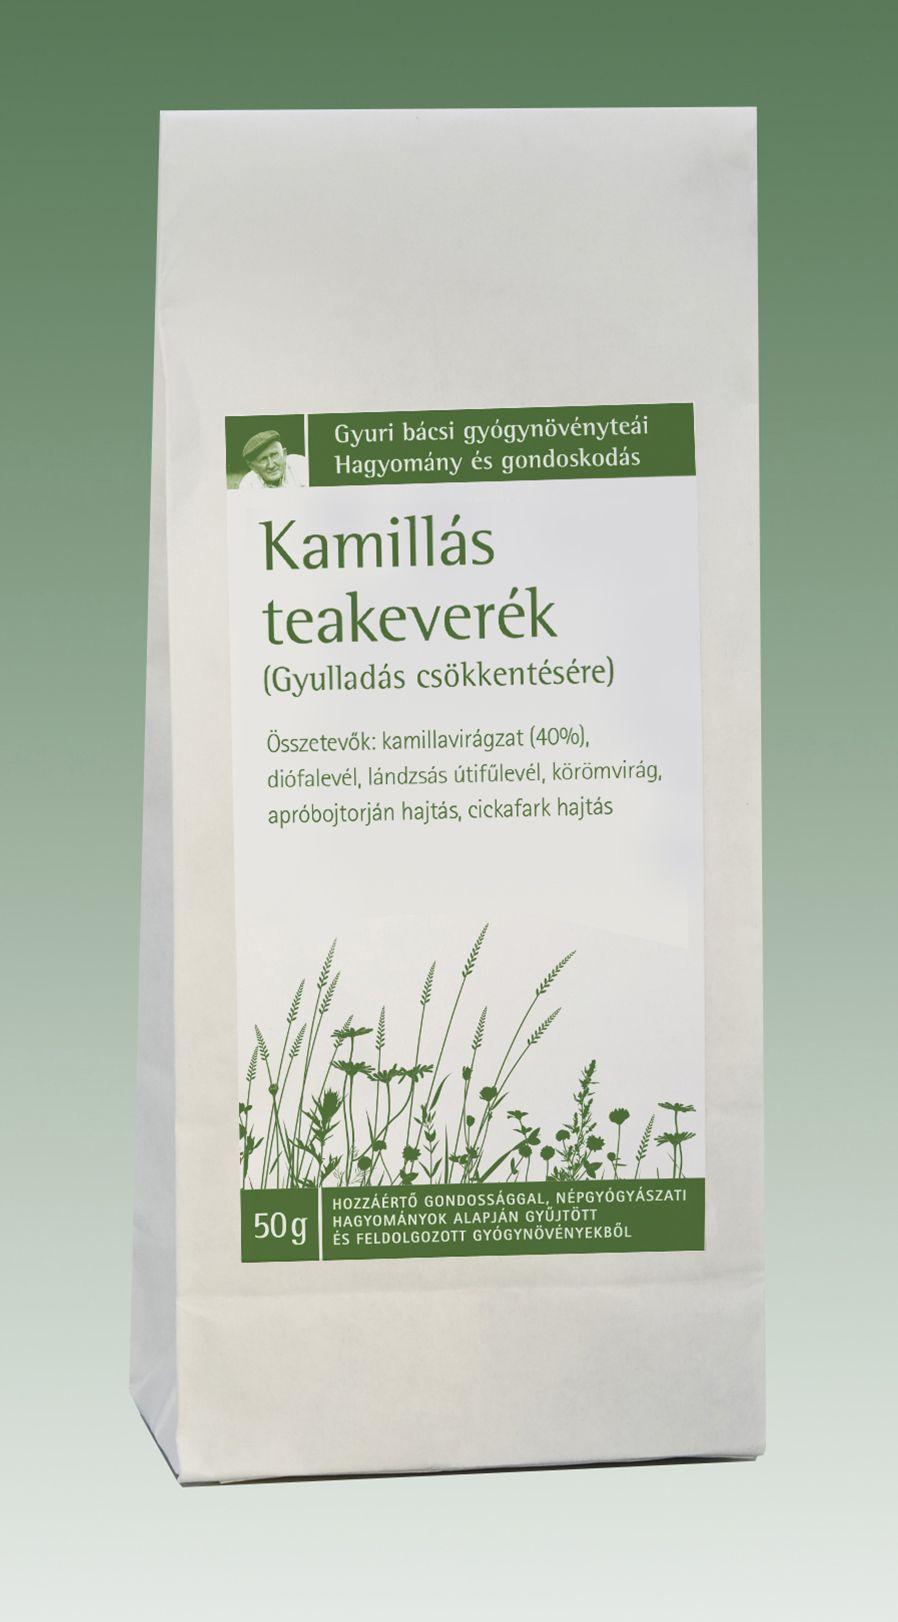 izületi gyulladásra györgy tea)